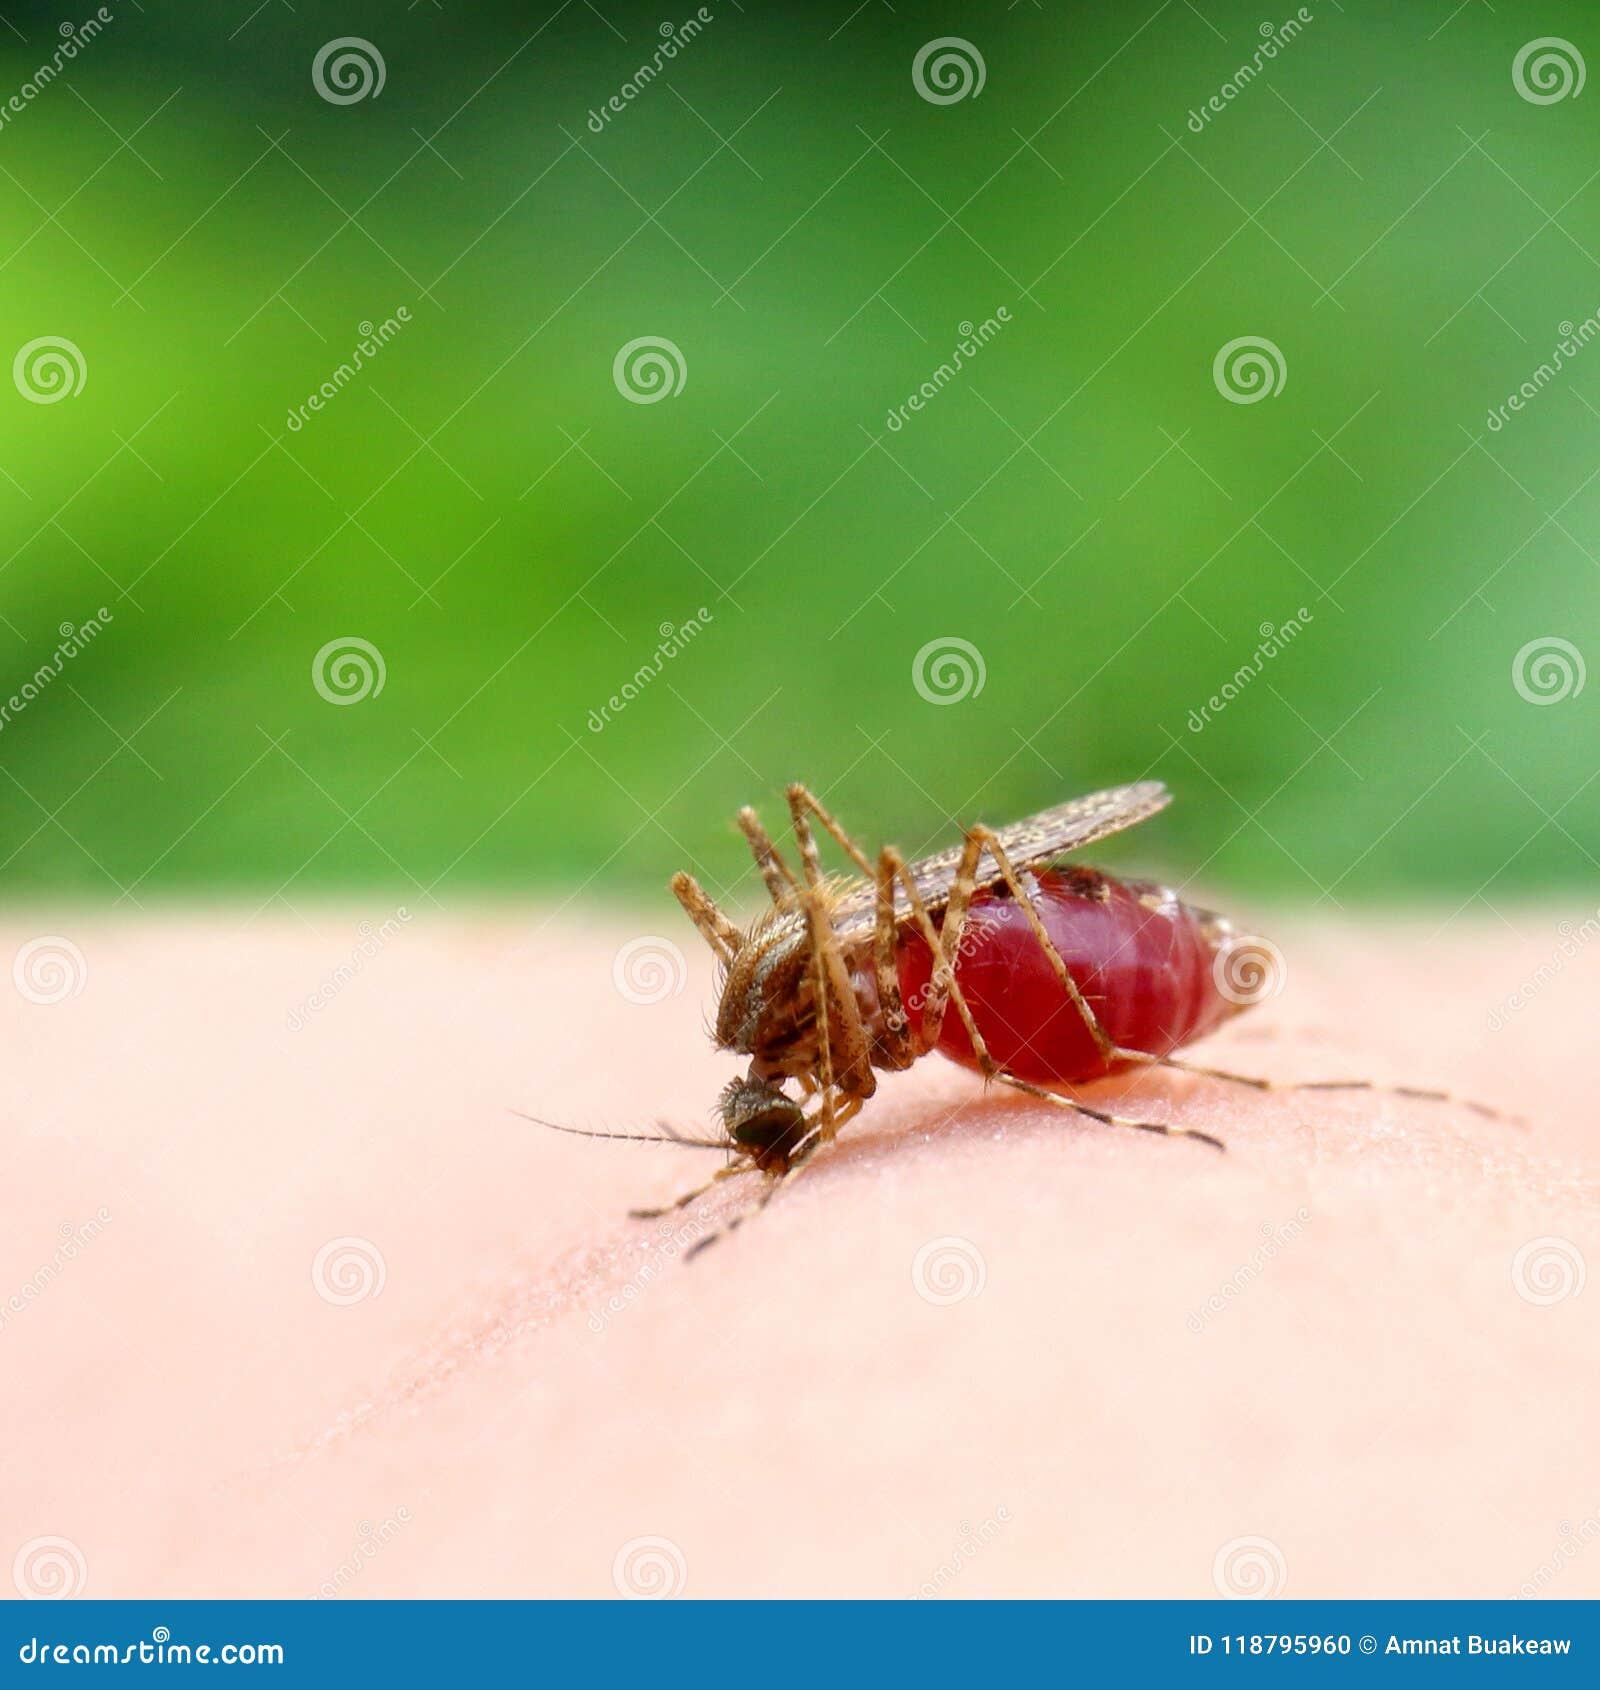 Mygga slut för sugande blod för mygga rött upp selektiv fokus